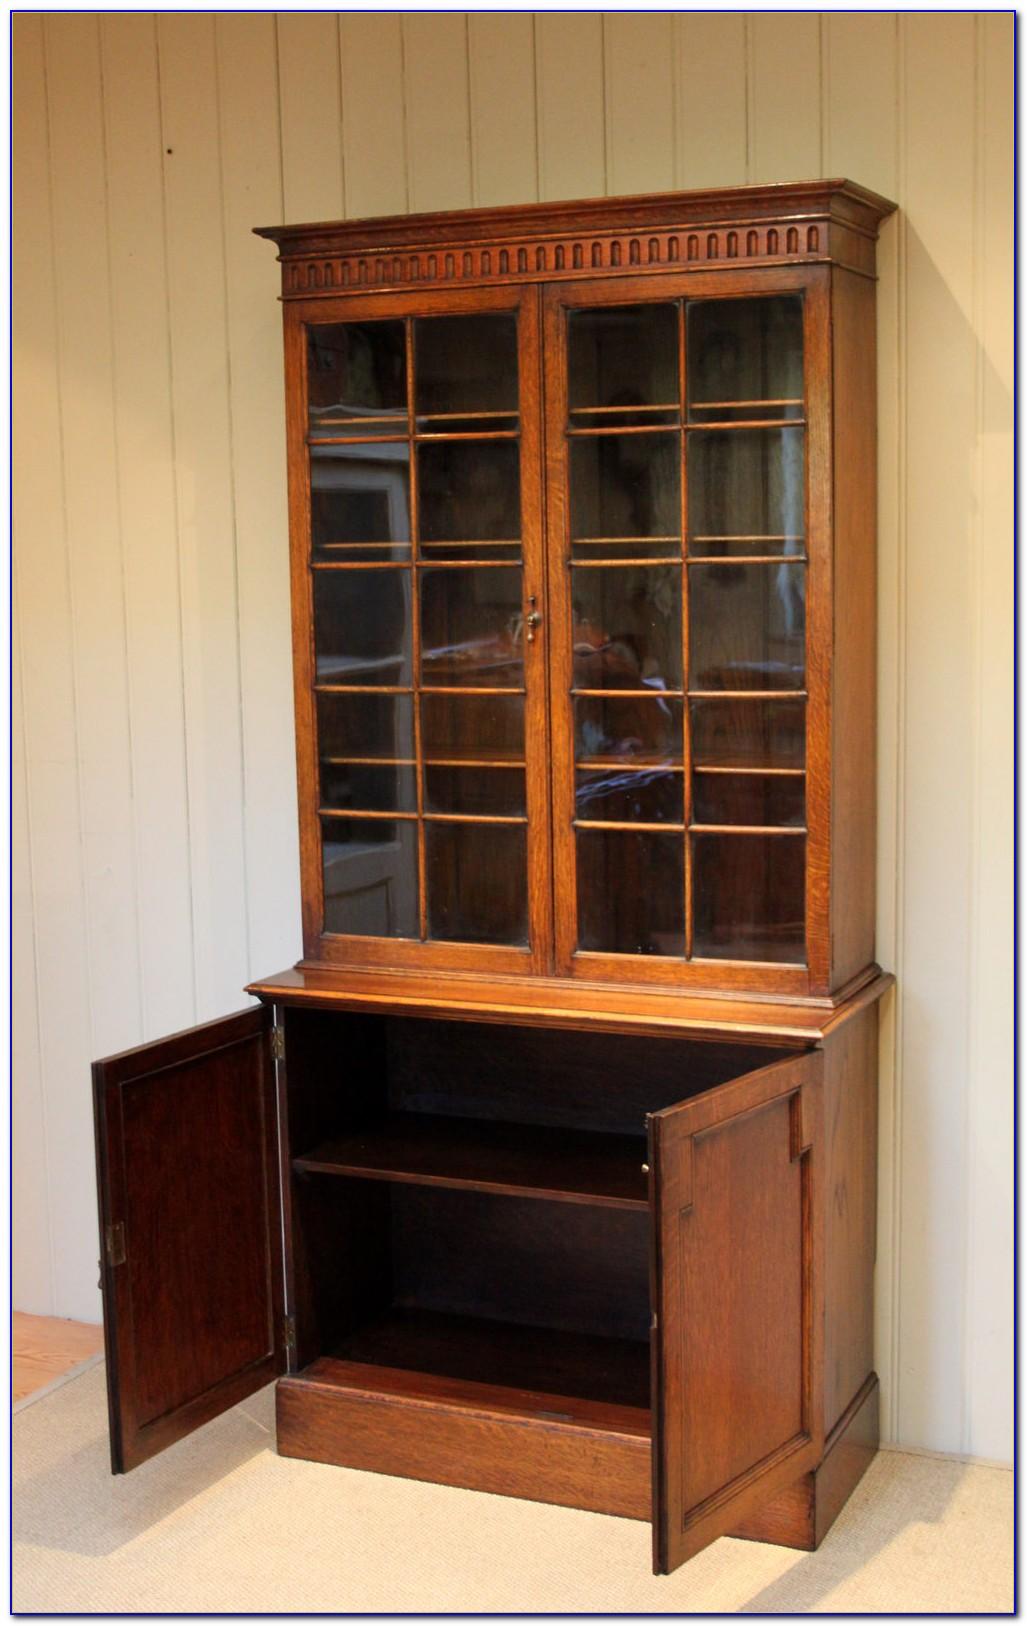 Golden Oak Bookshelf